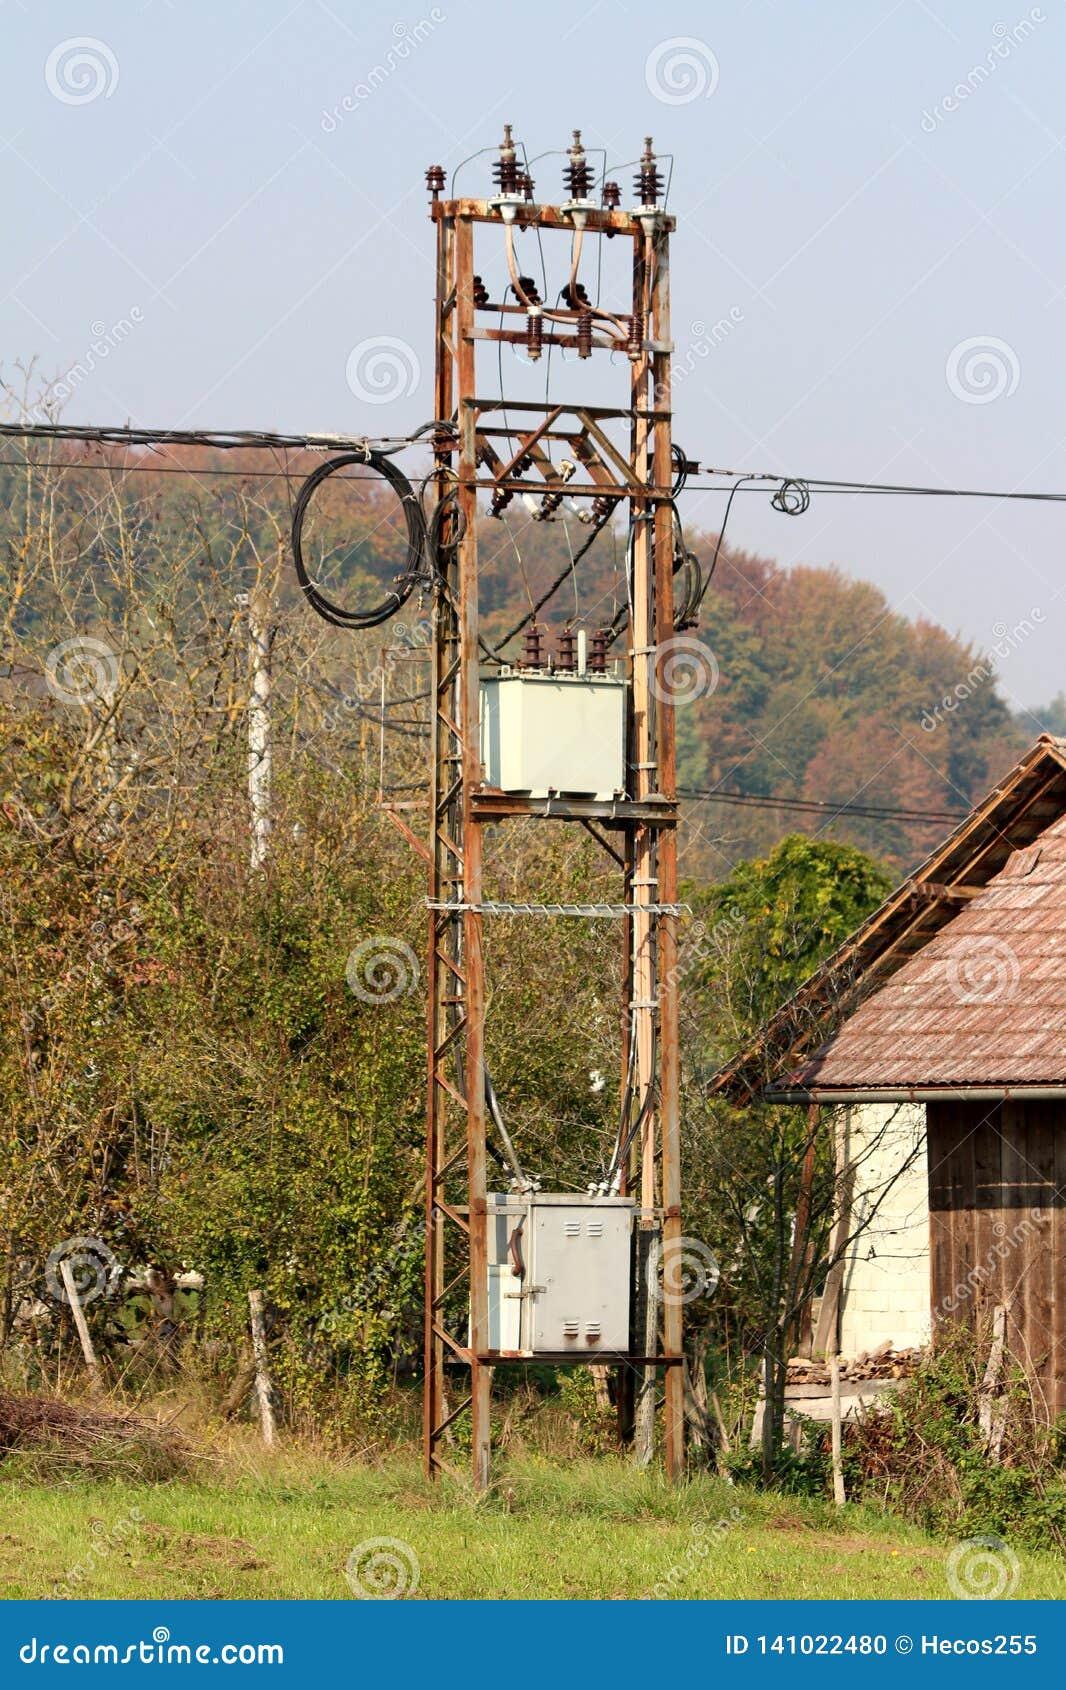 Rostad elektrisk hög spänningsask för utomhus- grå metall med keramiska isolatorer förbindelse med elektriska trådar som omges me